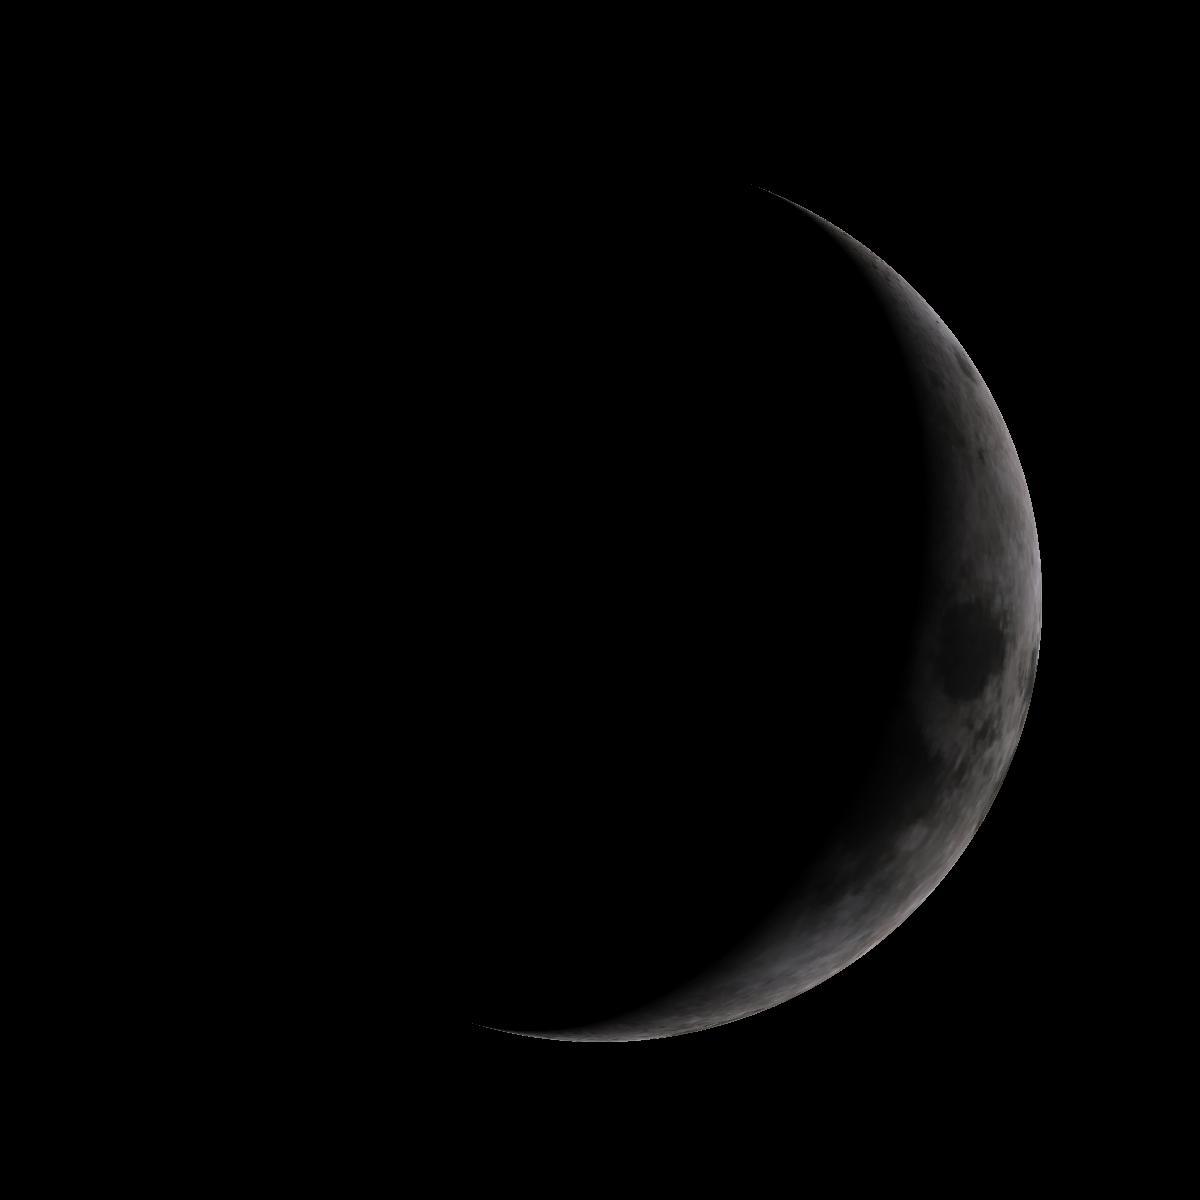 Lune du 29 janvier 2020